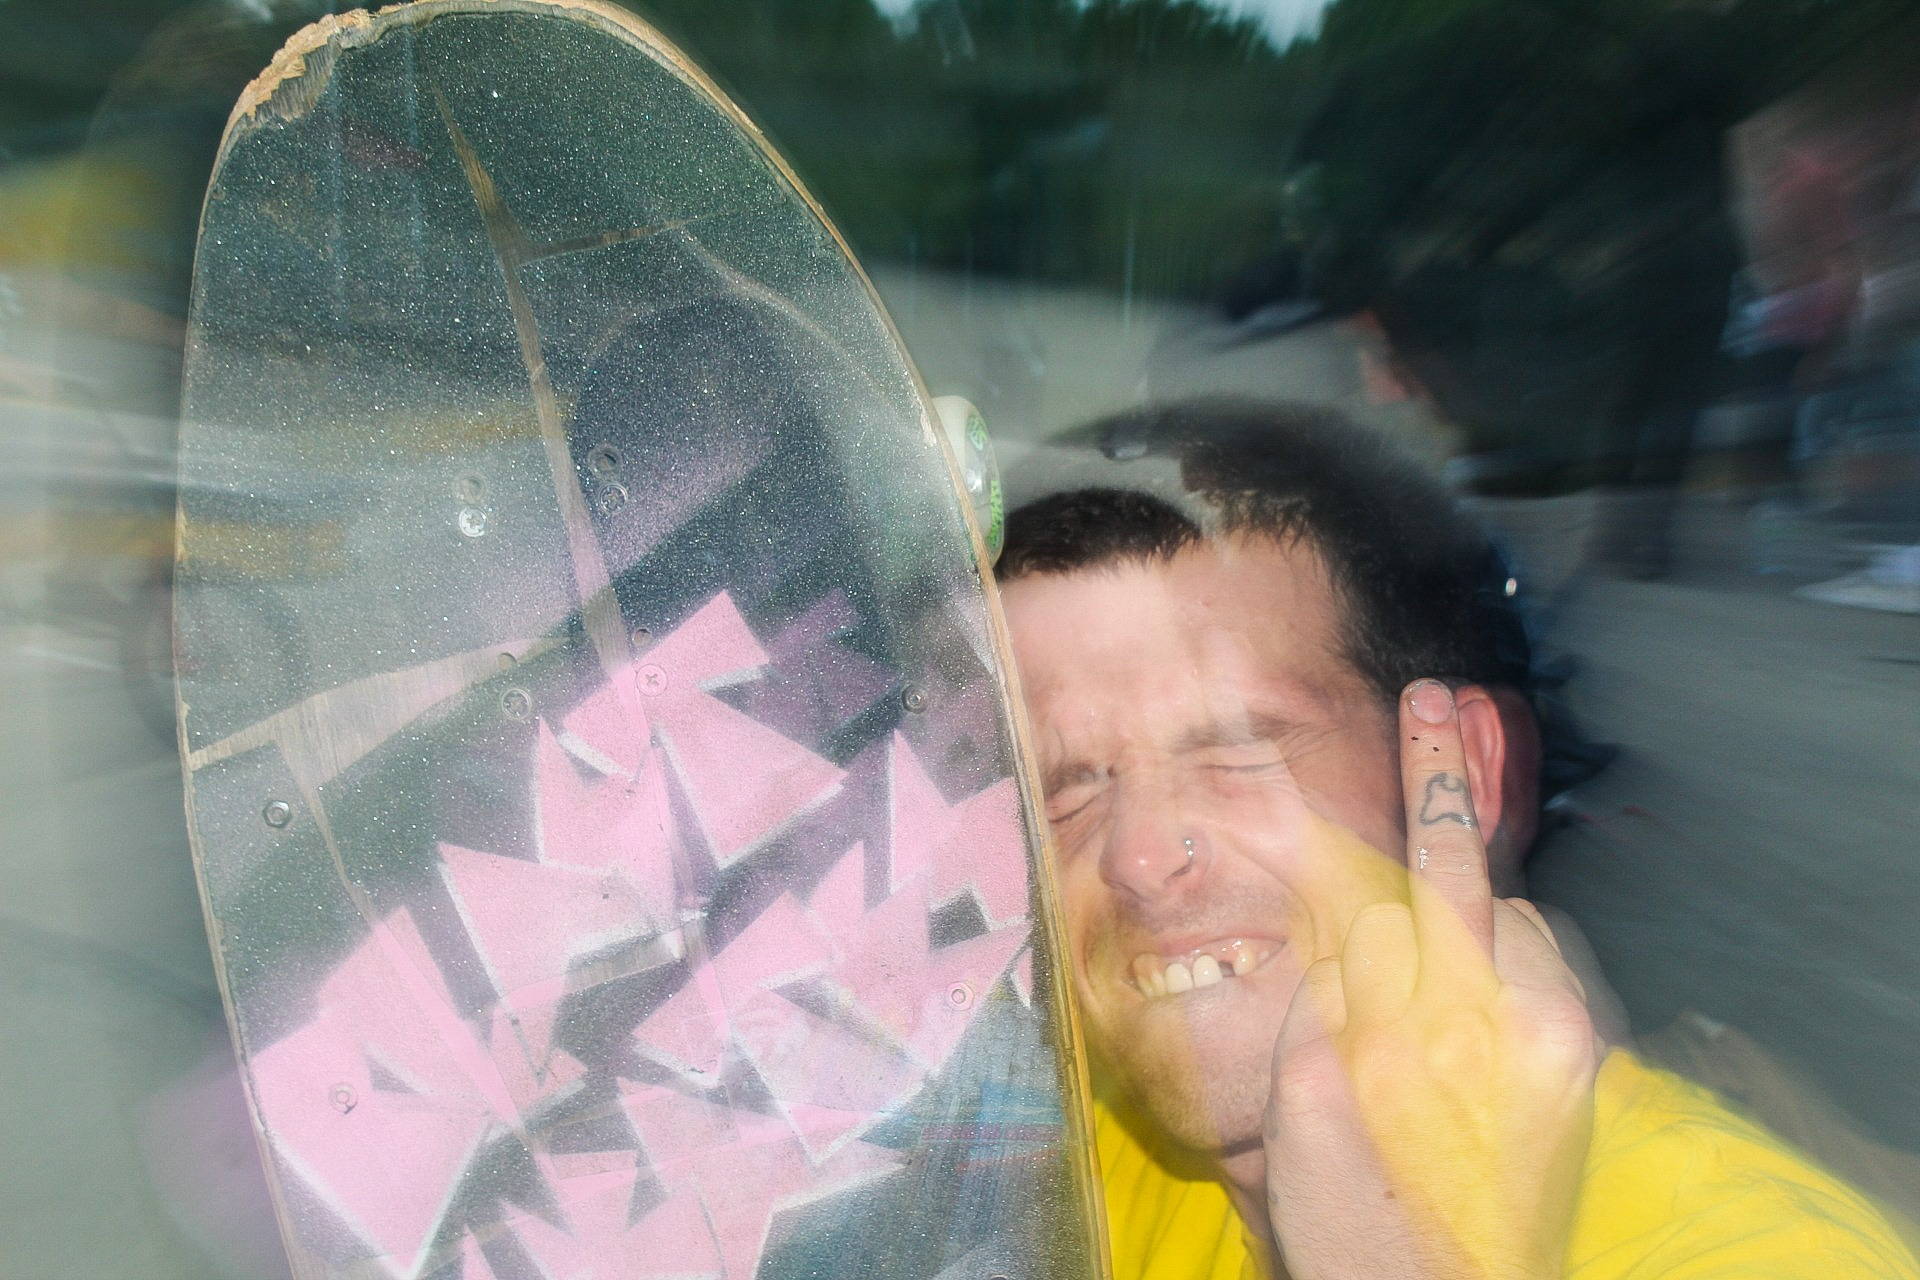 punk as funk  by Dan whitney